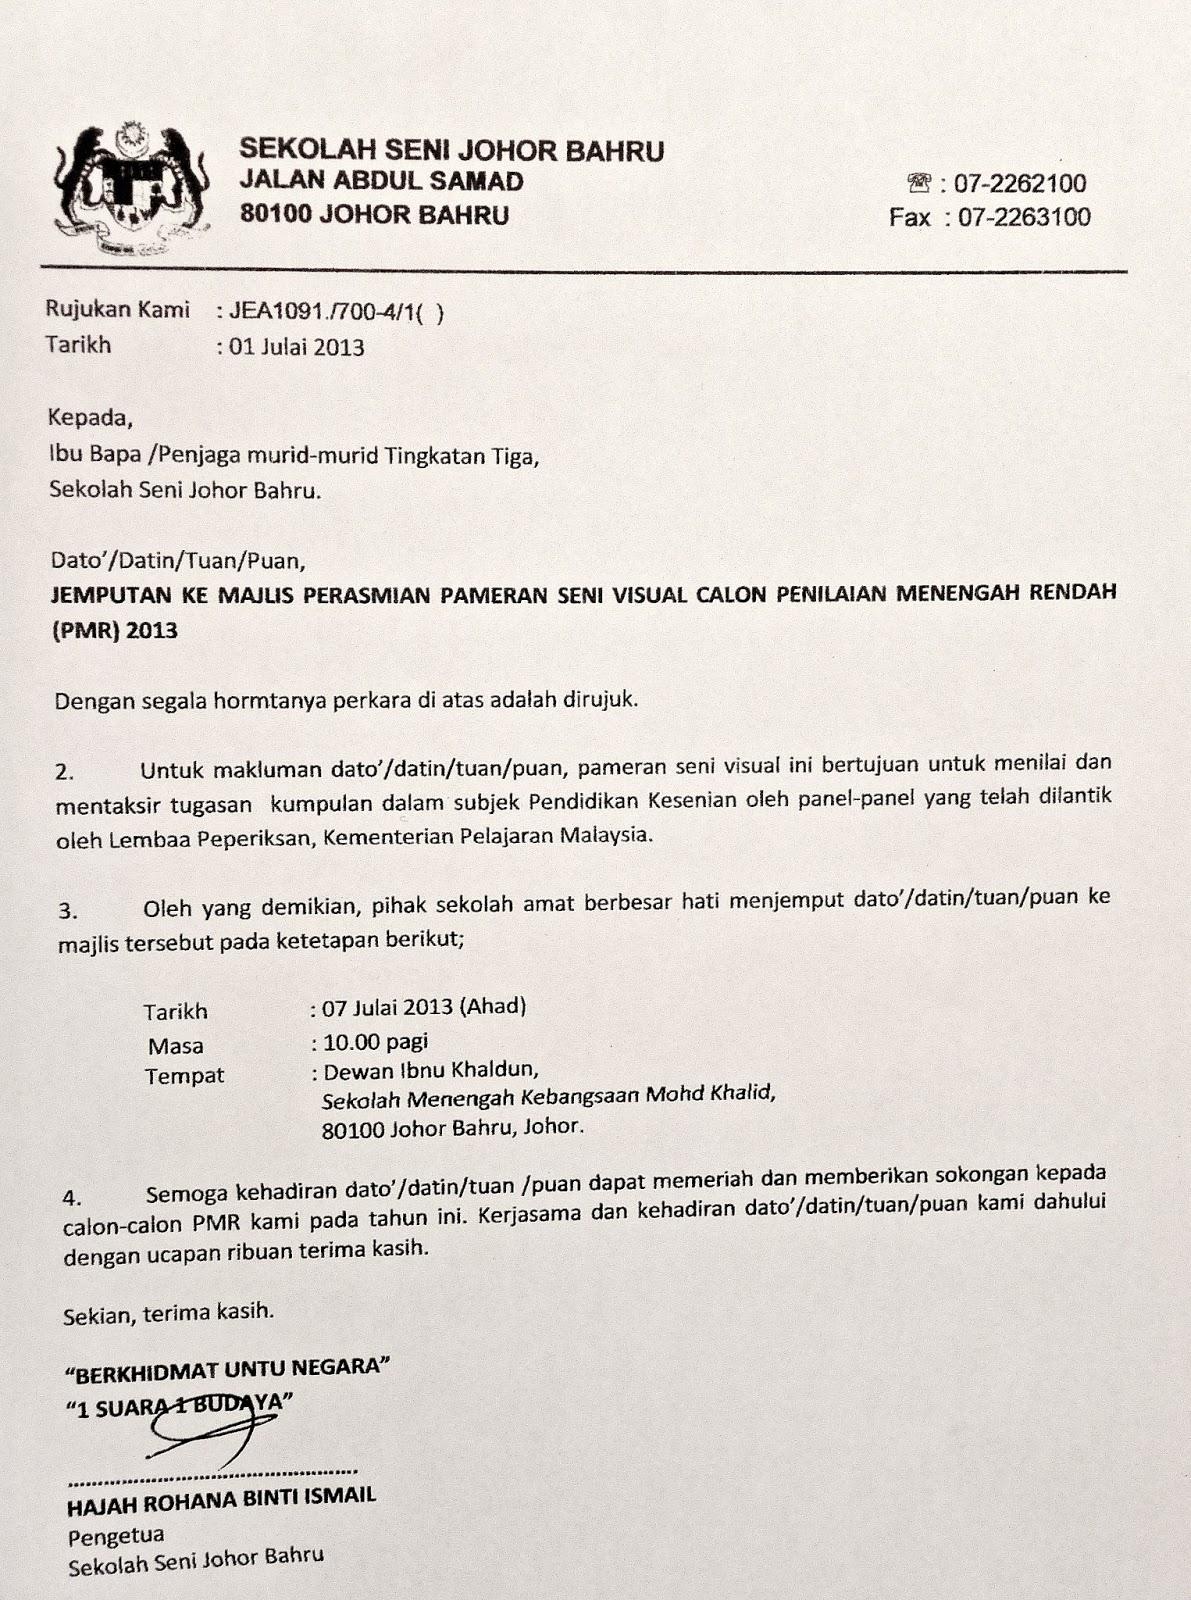 Surat Permohonan Kemasukan Asrama - Malacca z